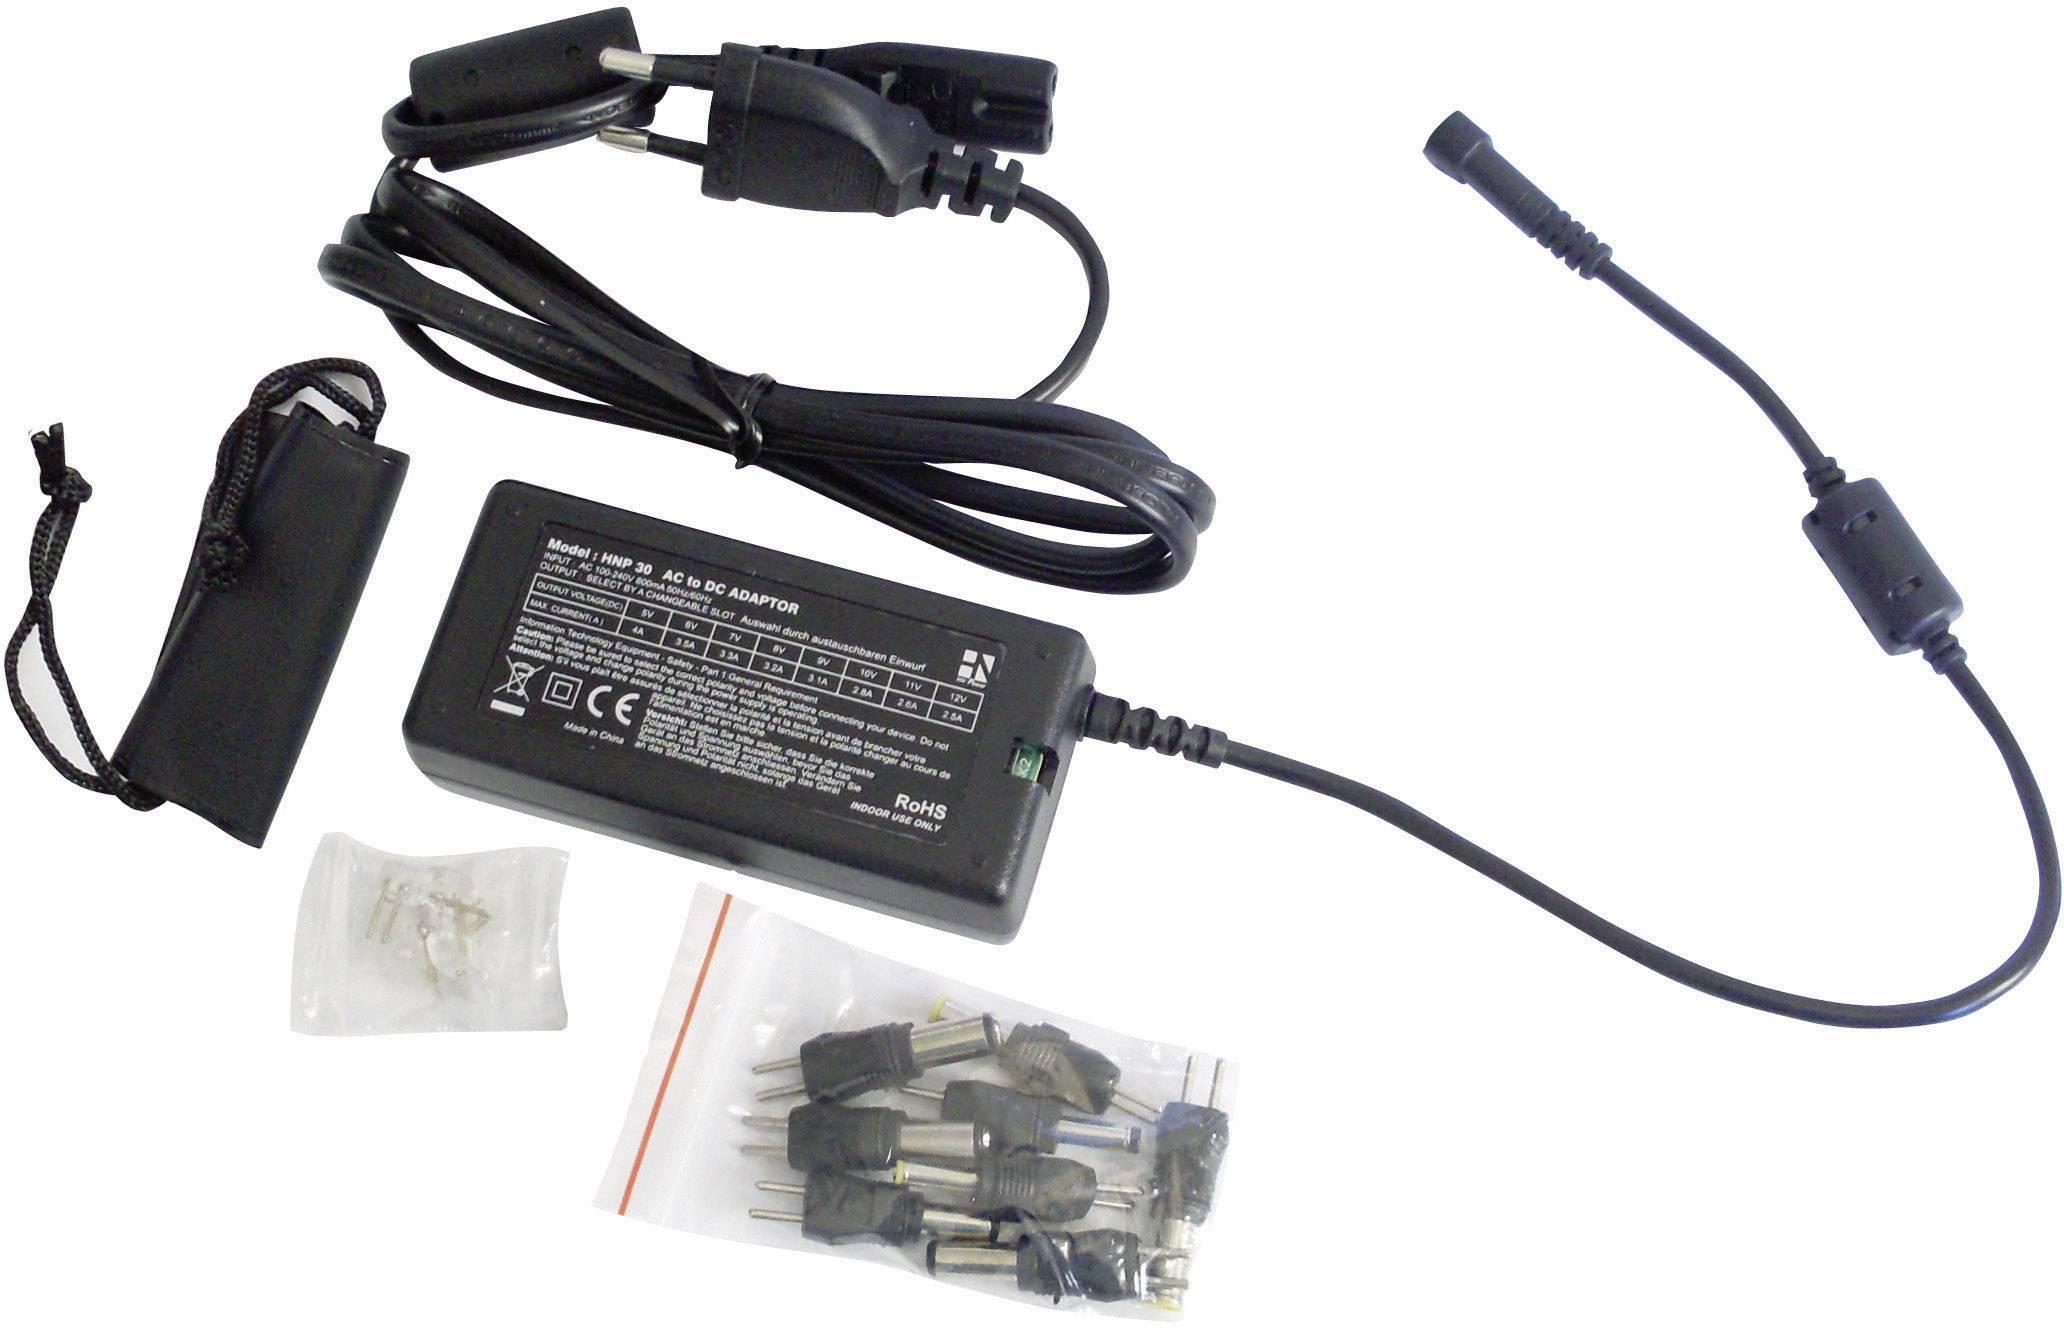 Univerzální síťový adaptér HN Power HNP30-Uni, 5 - 12 VDC, 30 W